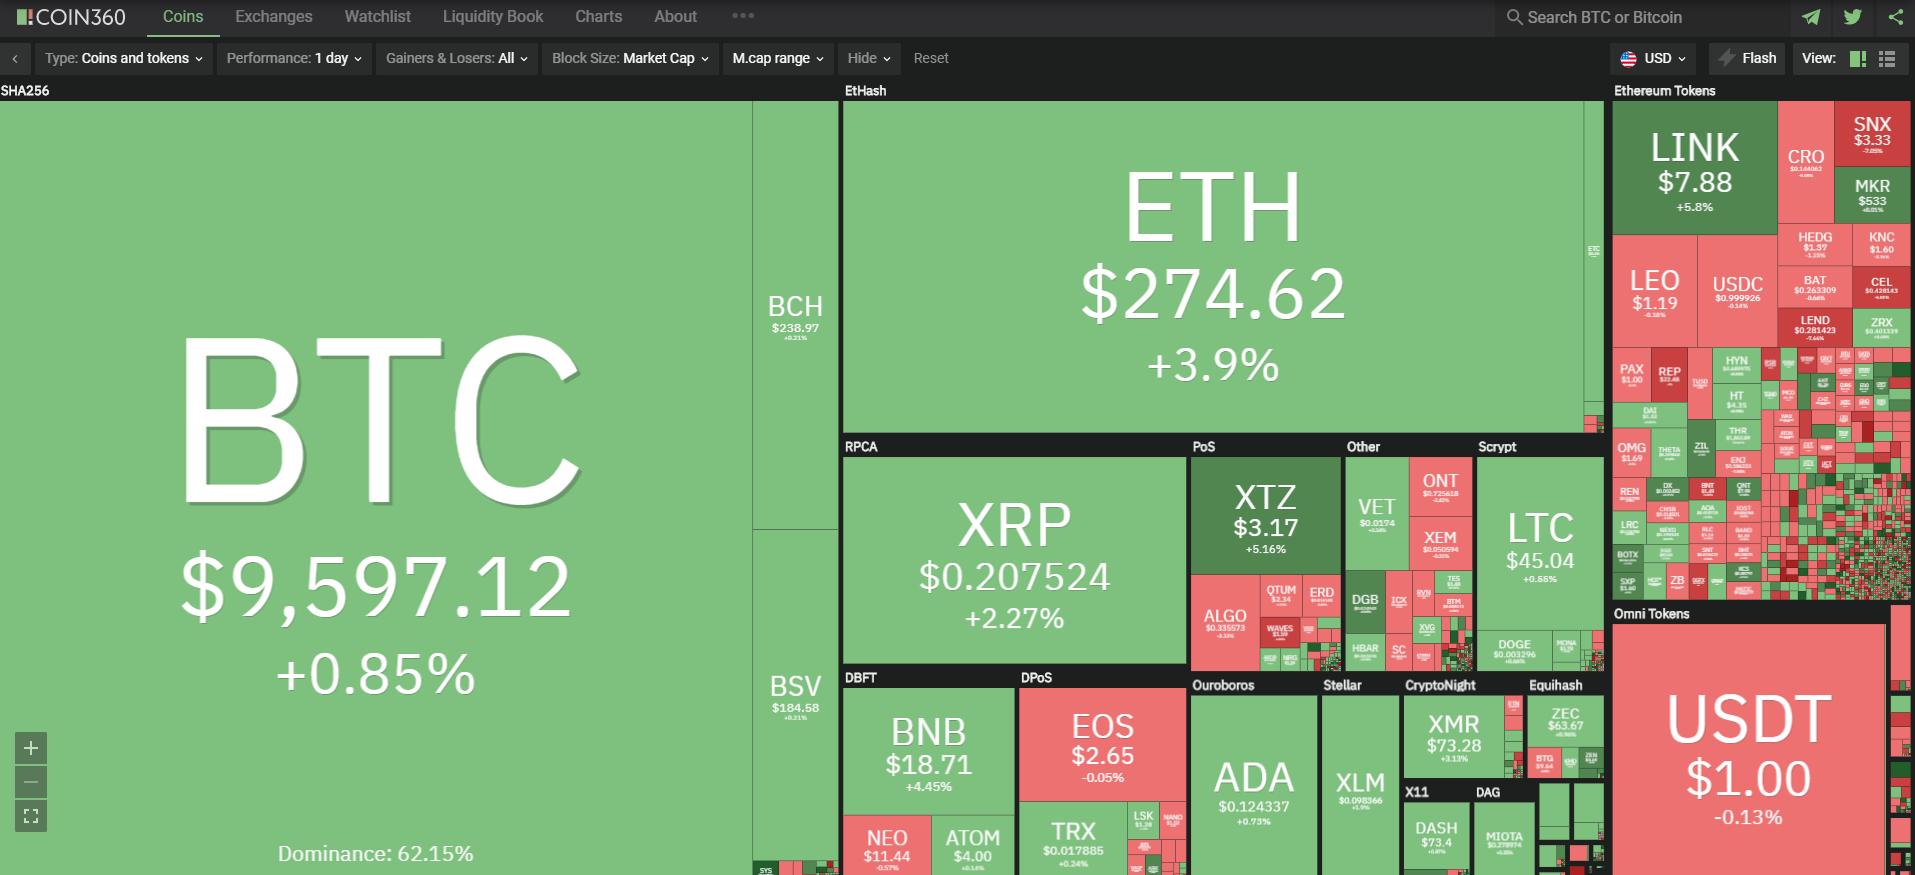 Toàn cảnh thị trường ngày 24/7 (nguồn: Coin360.com)